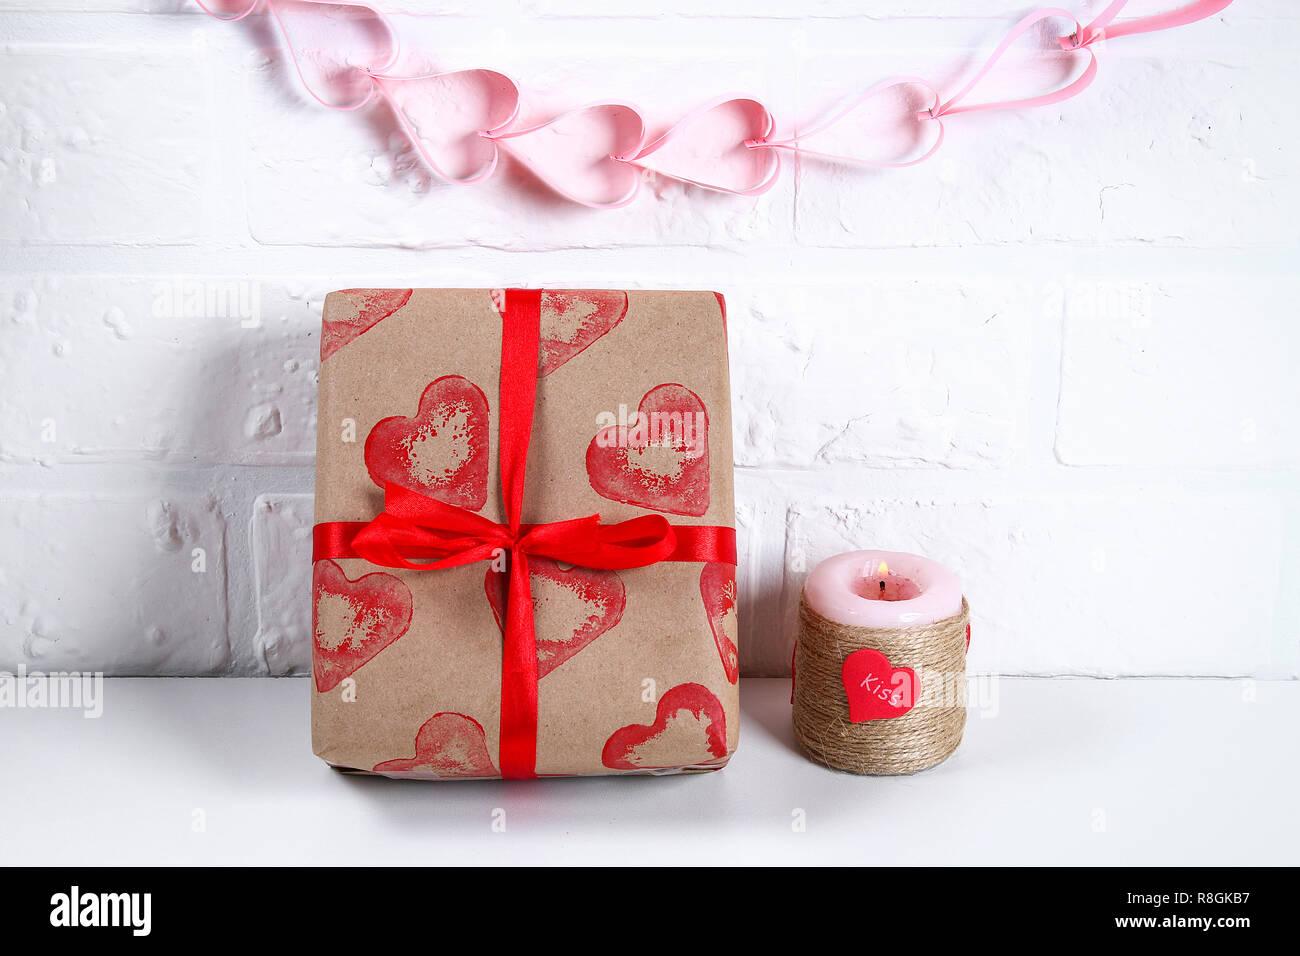 Diy Dekoration am 14. Februar. Ein Geschenk und eine Kerze für ...